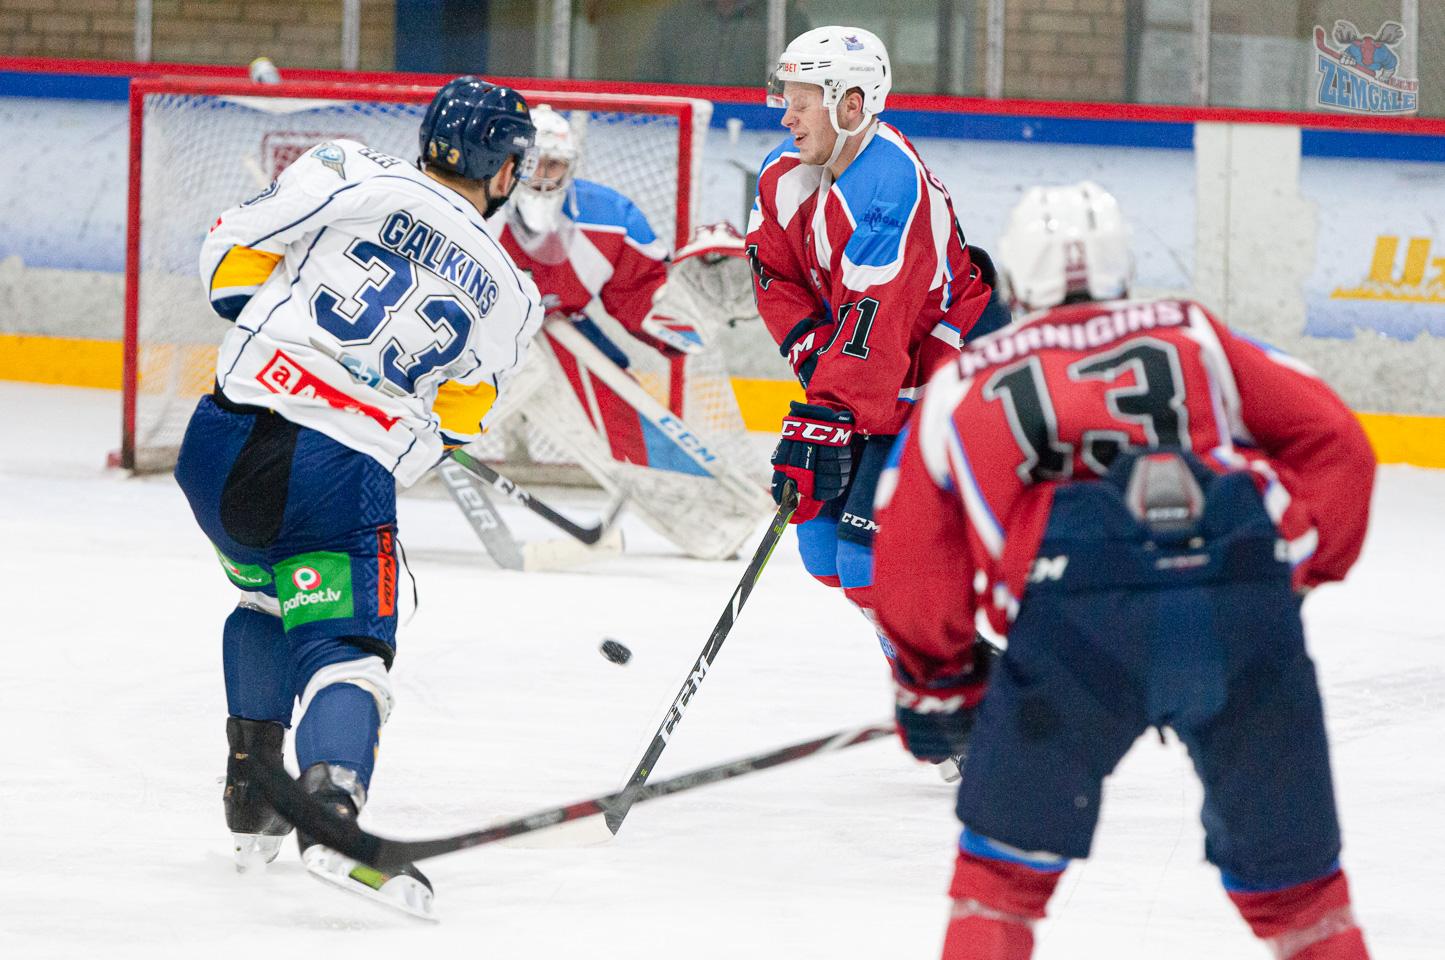 Hokejists izvairās no ripas trāpījuma, aizsargājot savu ķērmeni